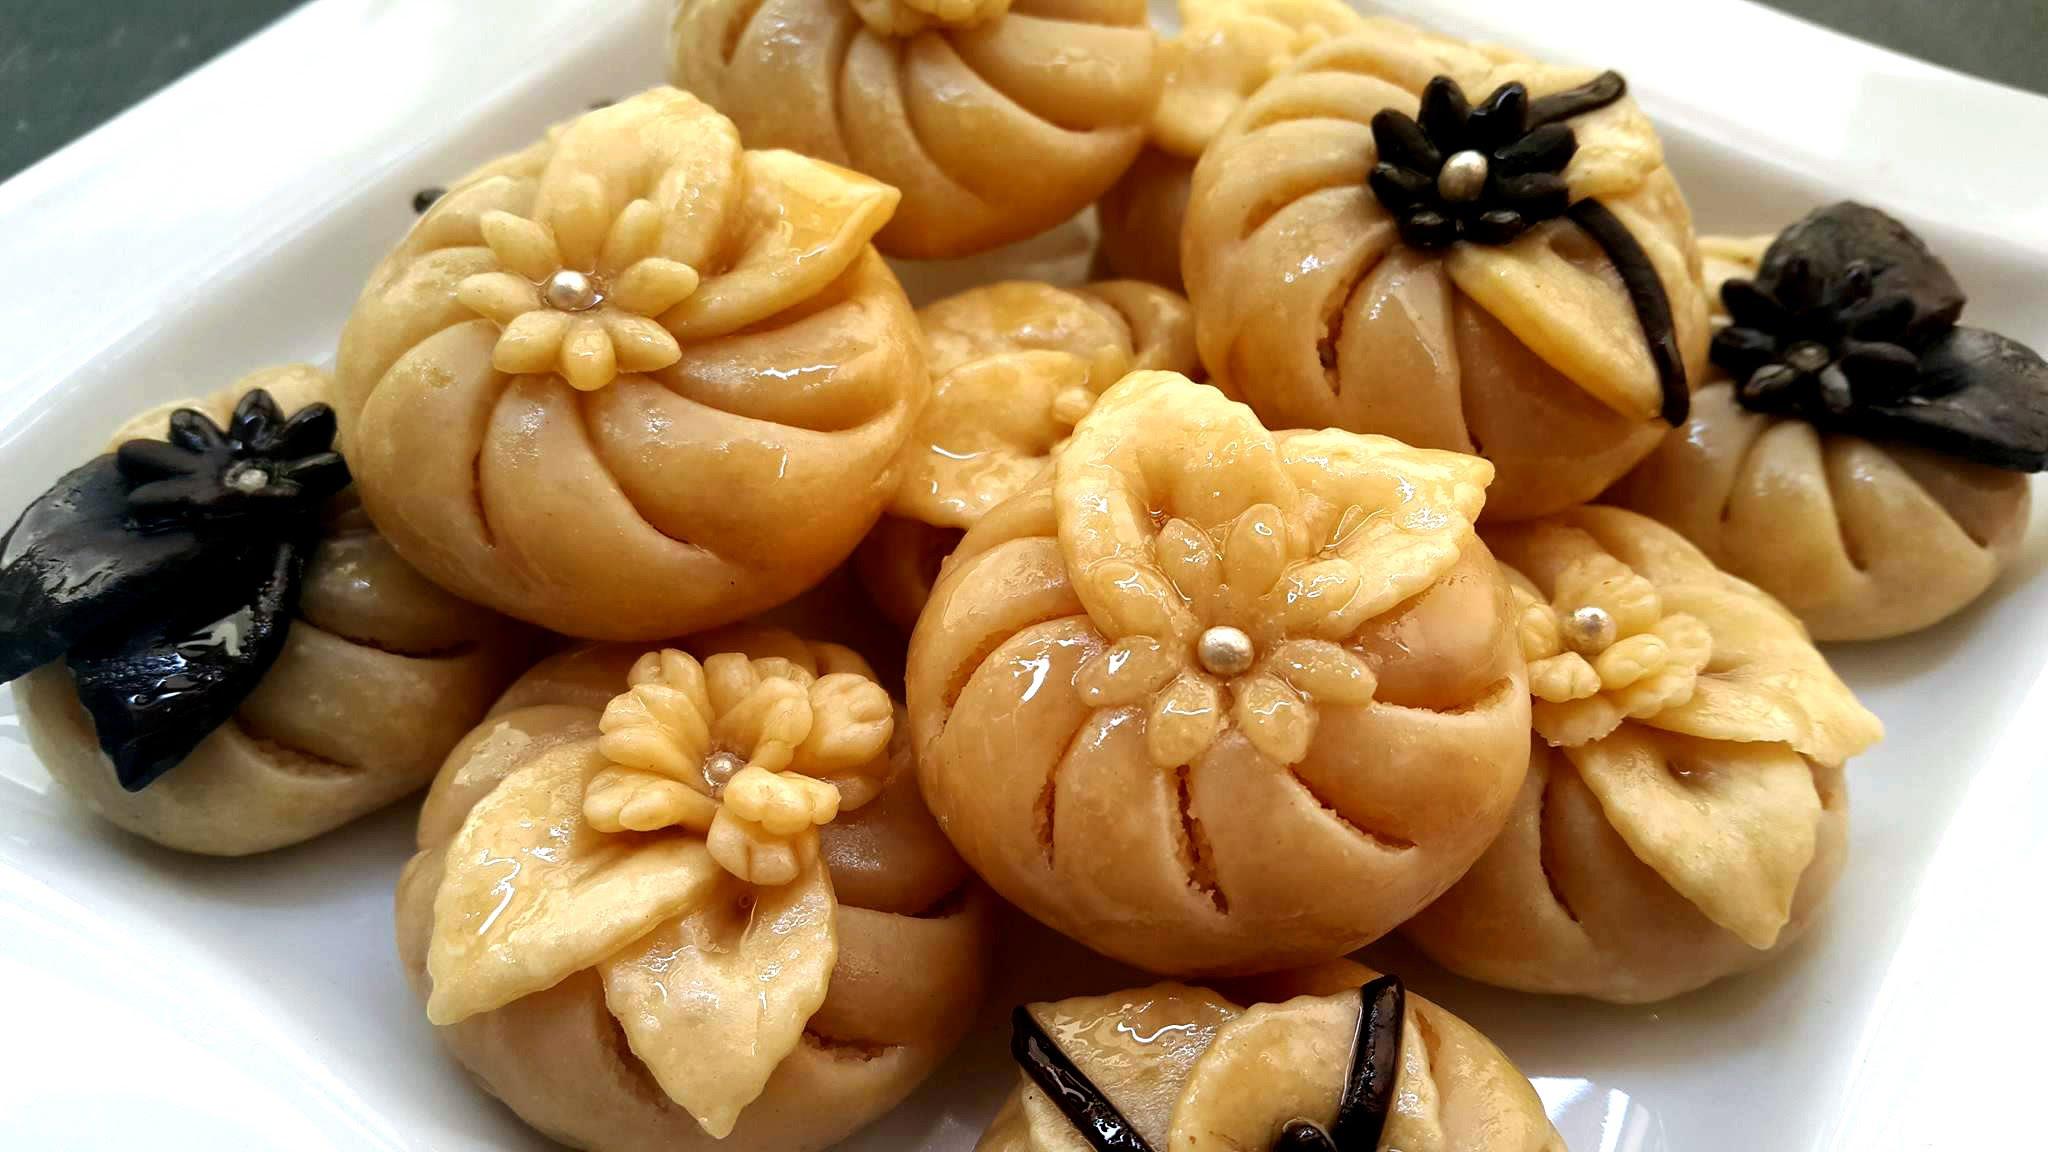 بالصور حلويات مغربيه , اجمل حلى مغربي 1283